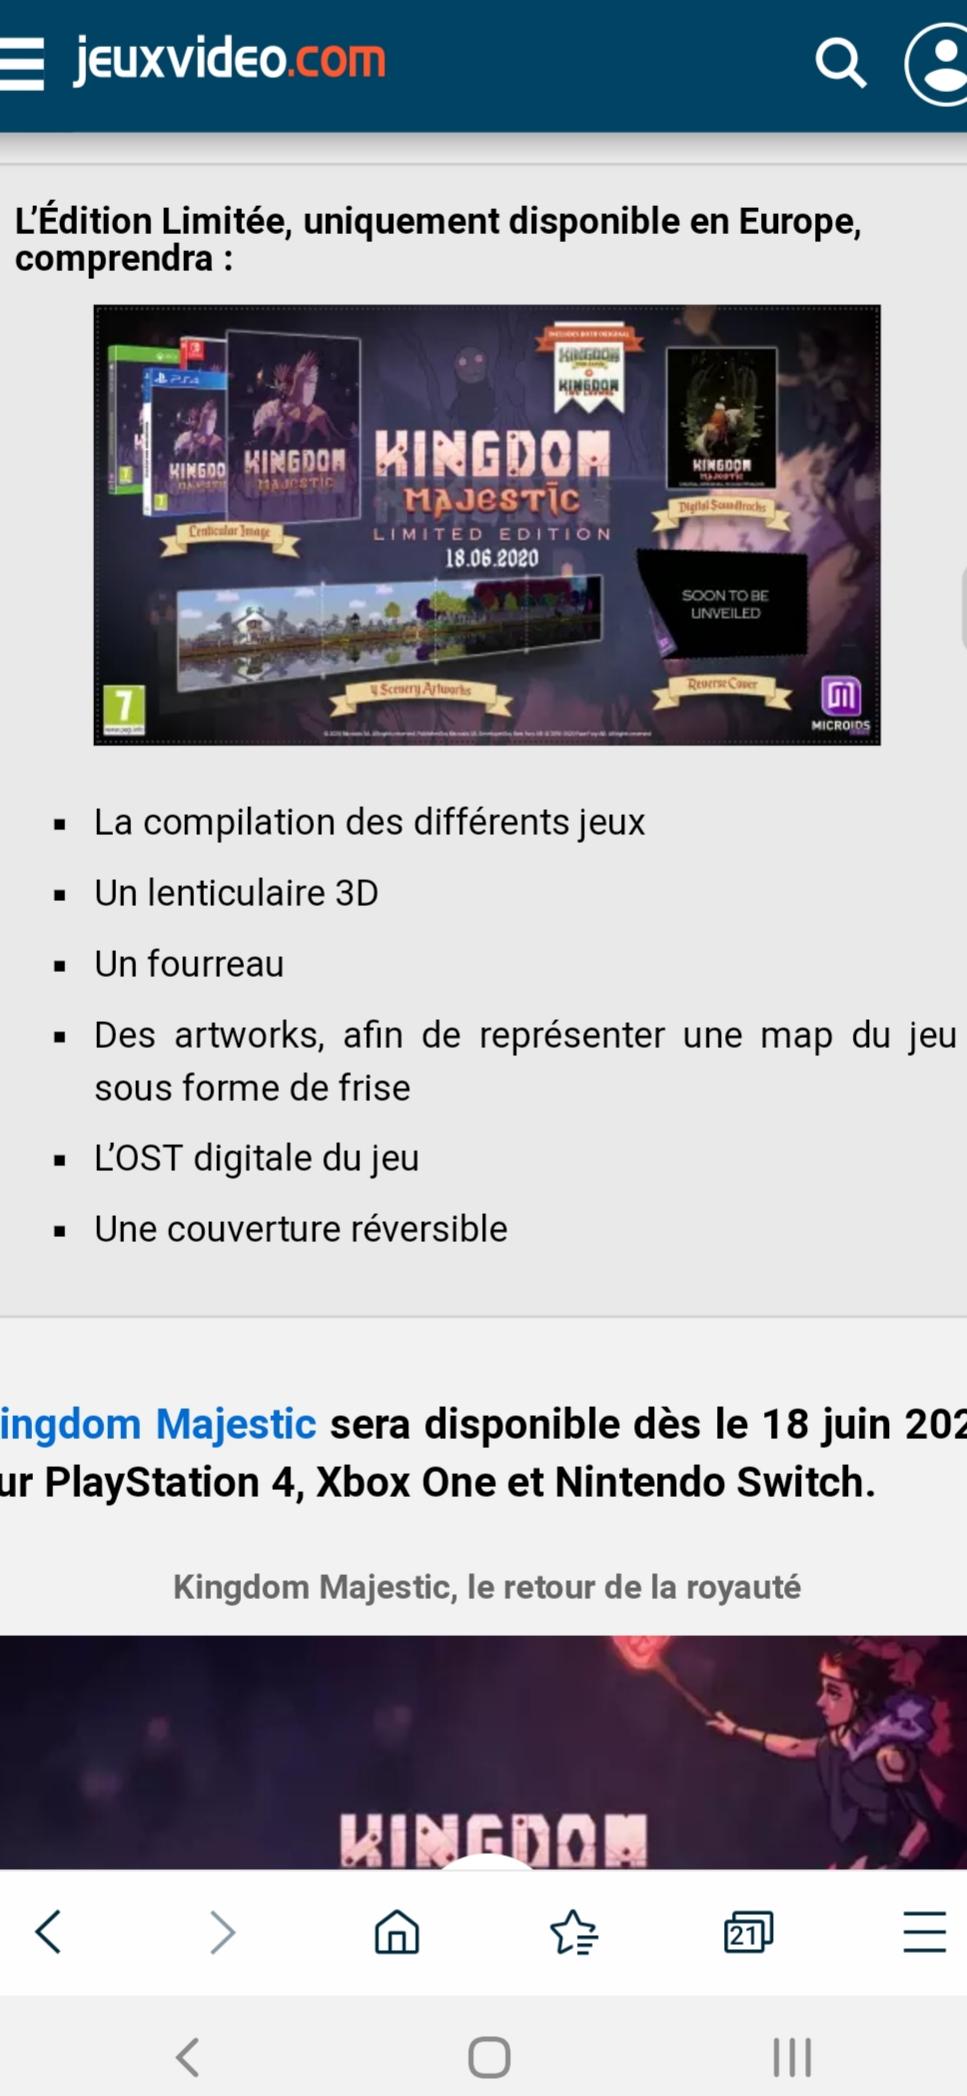 Édition Limitée de Kingdom Majestic sur PS4, Switch et XOne 20200321